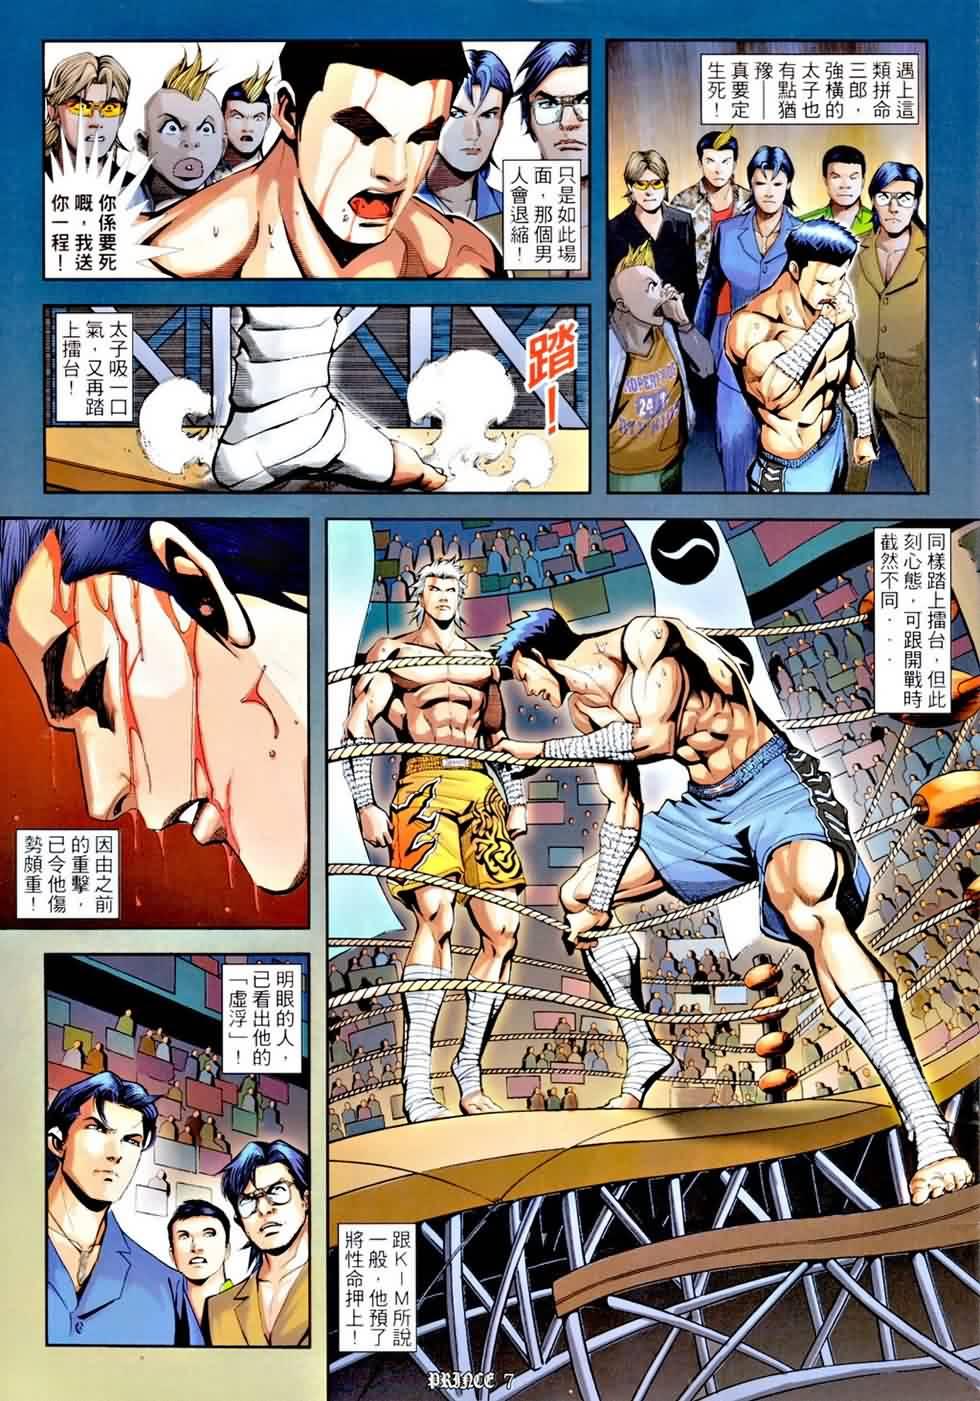 『古惑仔外传漫画』《太子》全9期图片